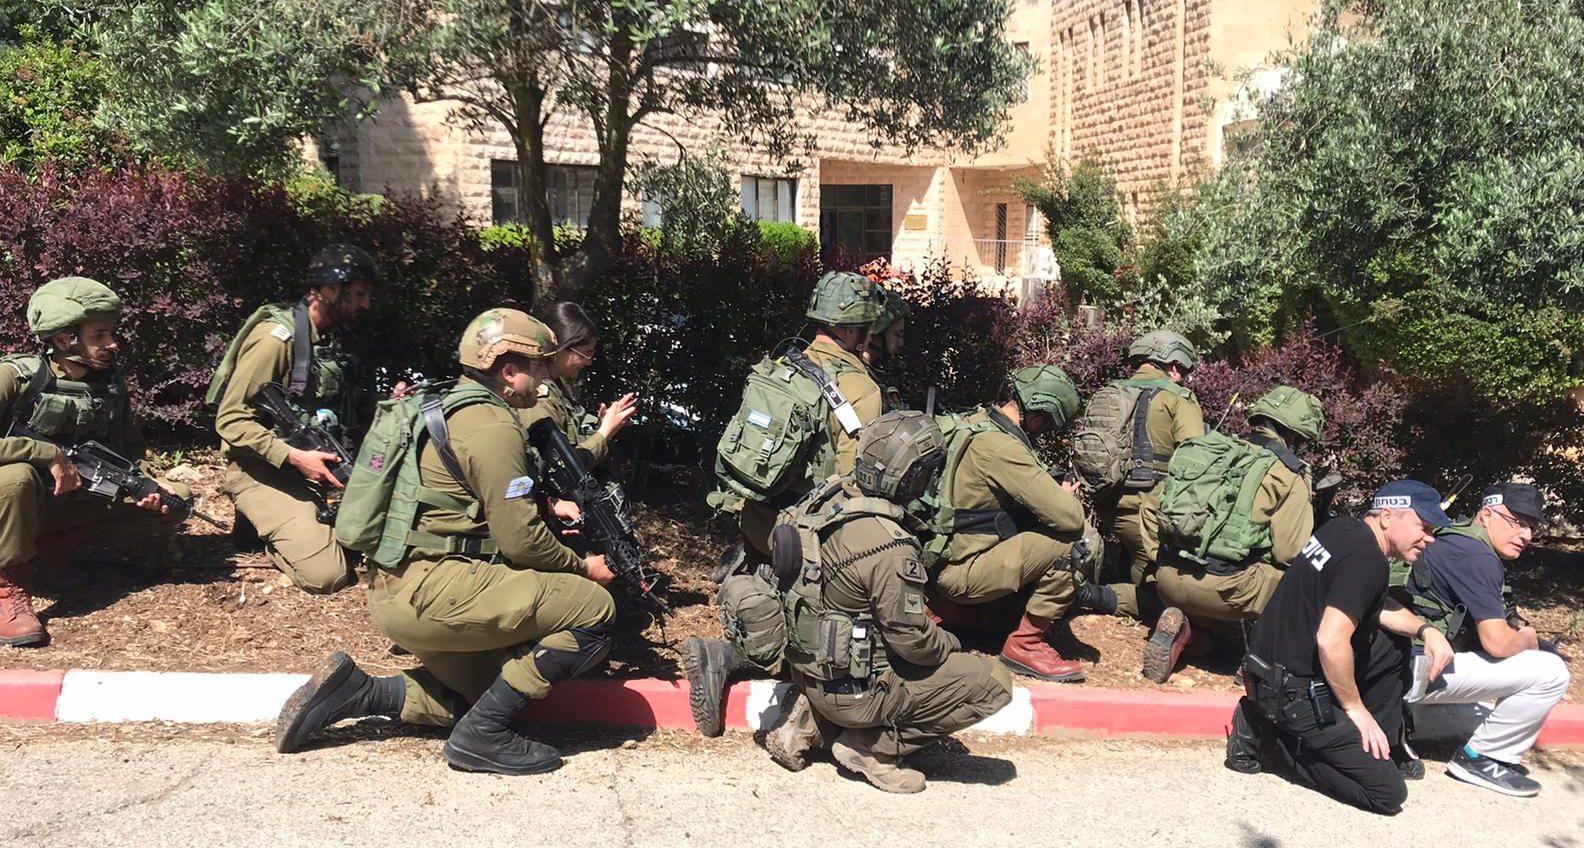 תרגיל בין-ארגוני בחטיבת עציון: ״נהיה מוכנים בצורה הטובה ביותר לכל תרחיש״